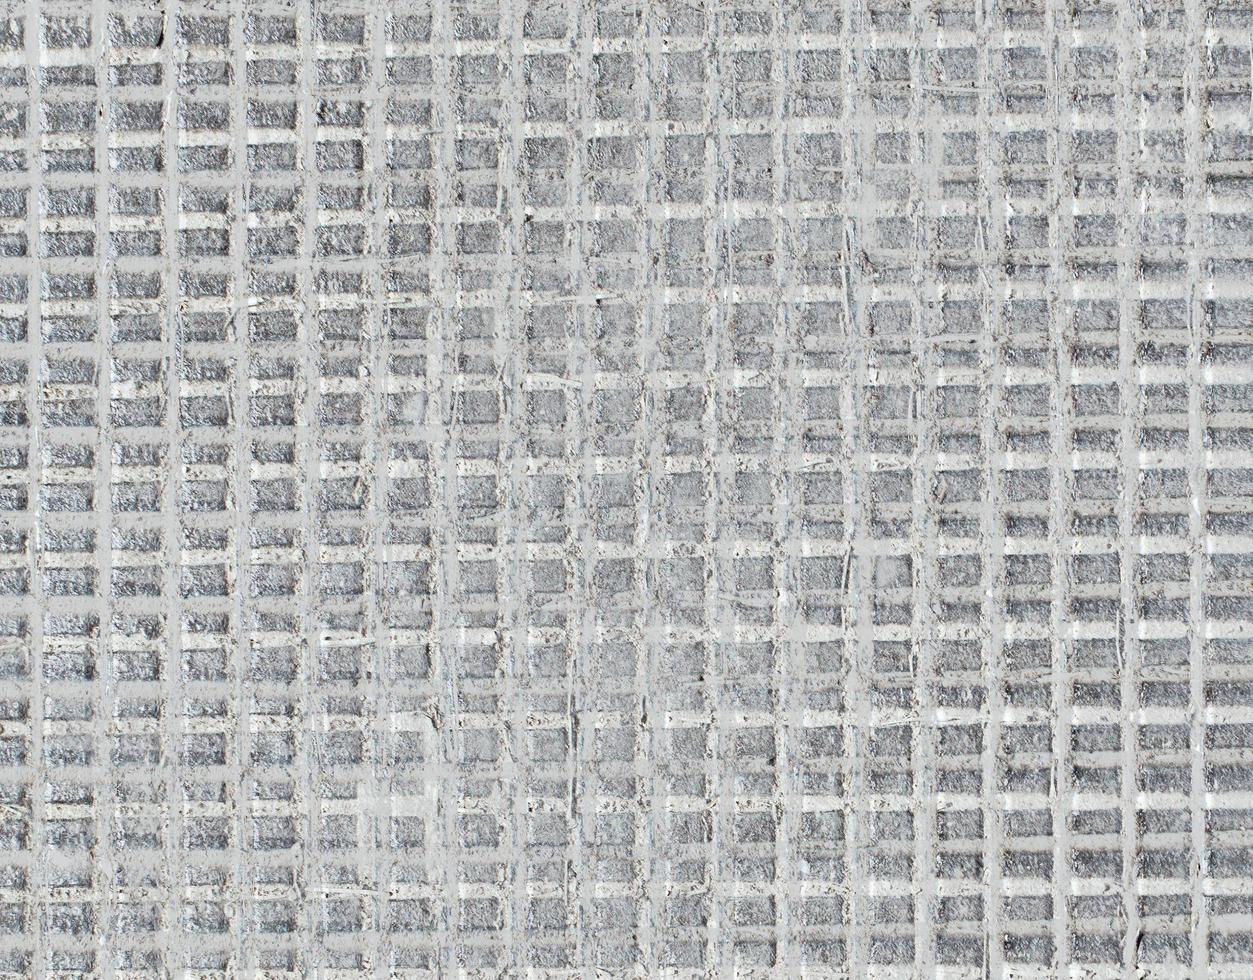 textura ou fundo abstrato foto